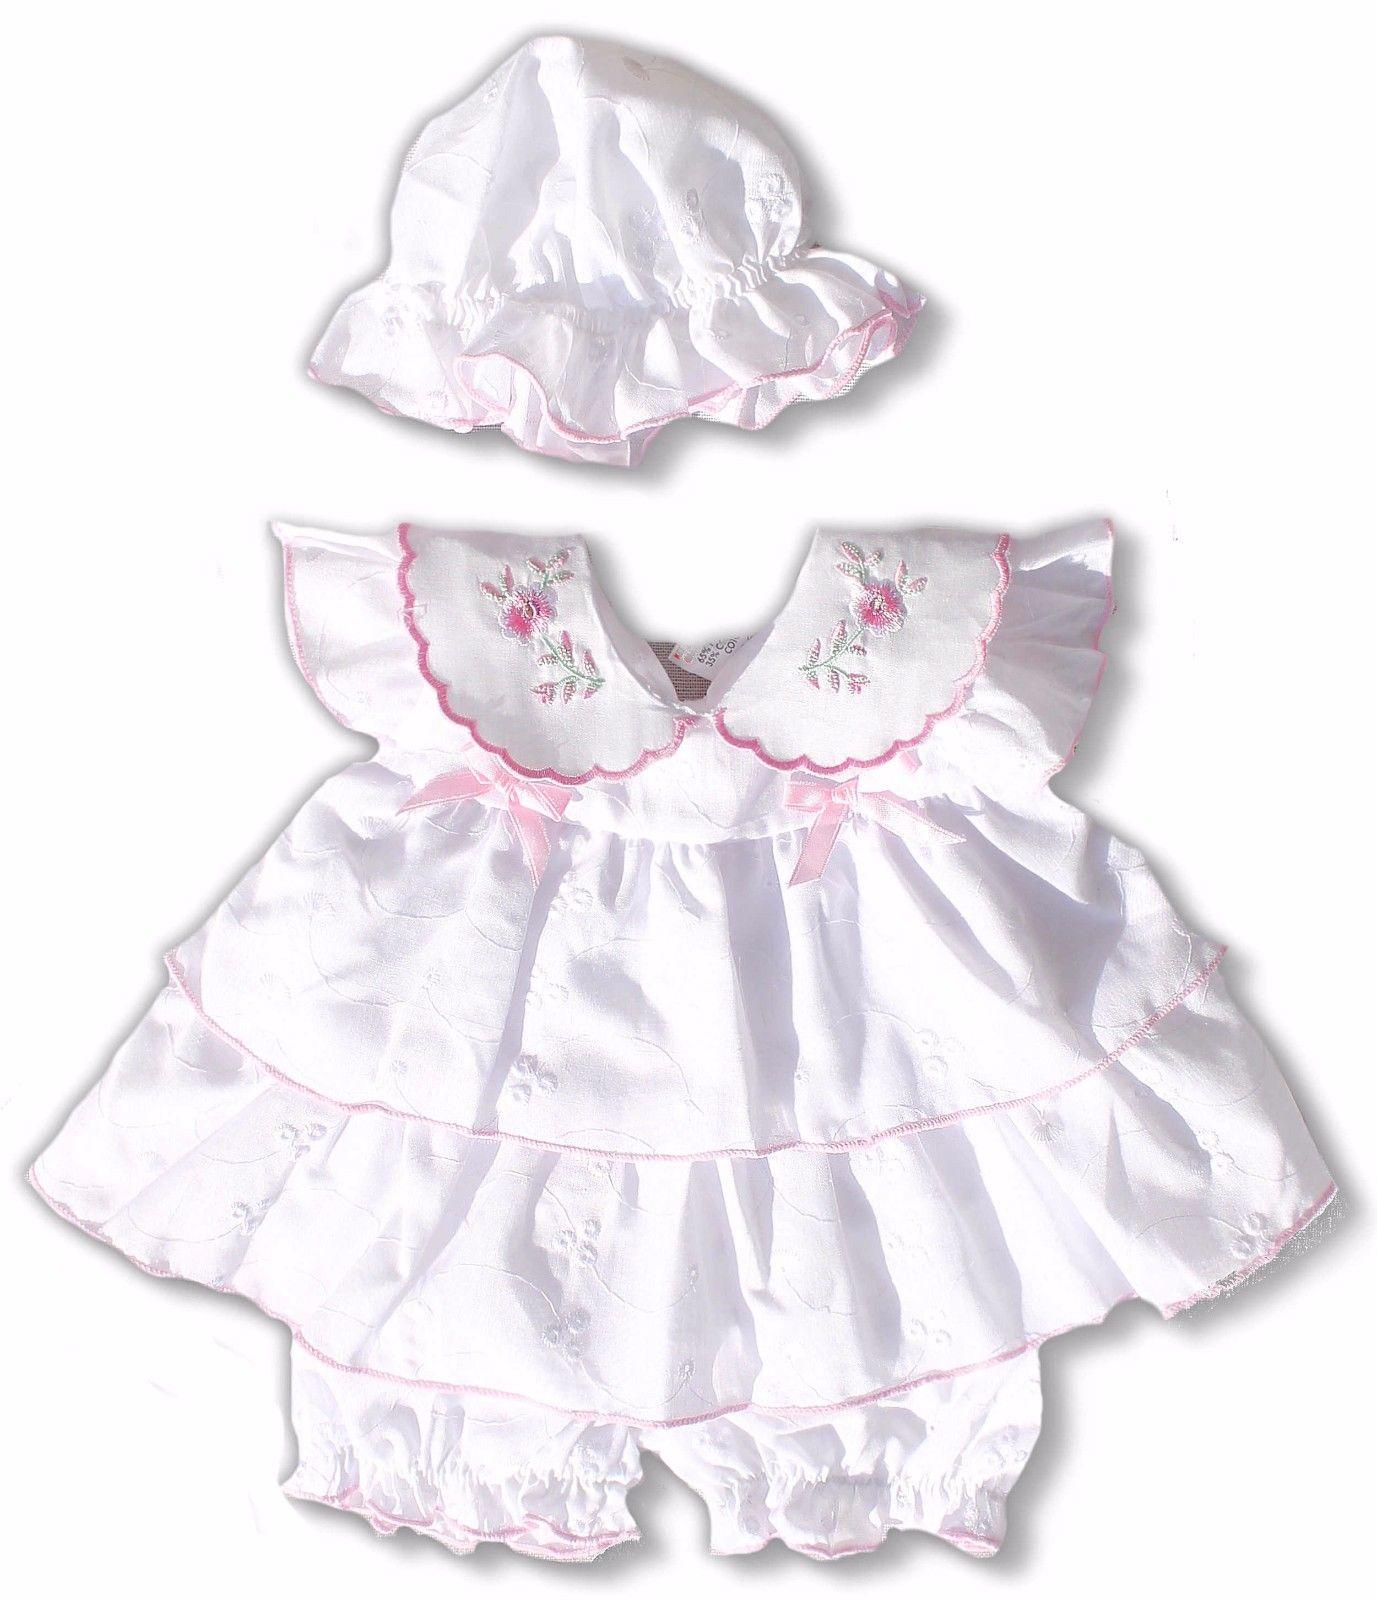 Frühchen Kleid, Gr. 48, 50, 3 tlg. weißes Frühchen Kleid- Set, Kleid Neugeborene